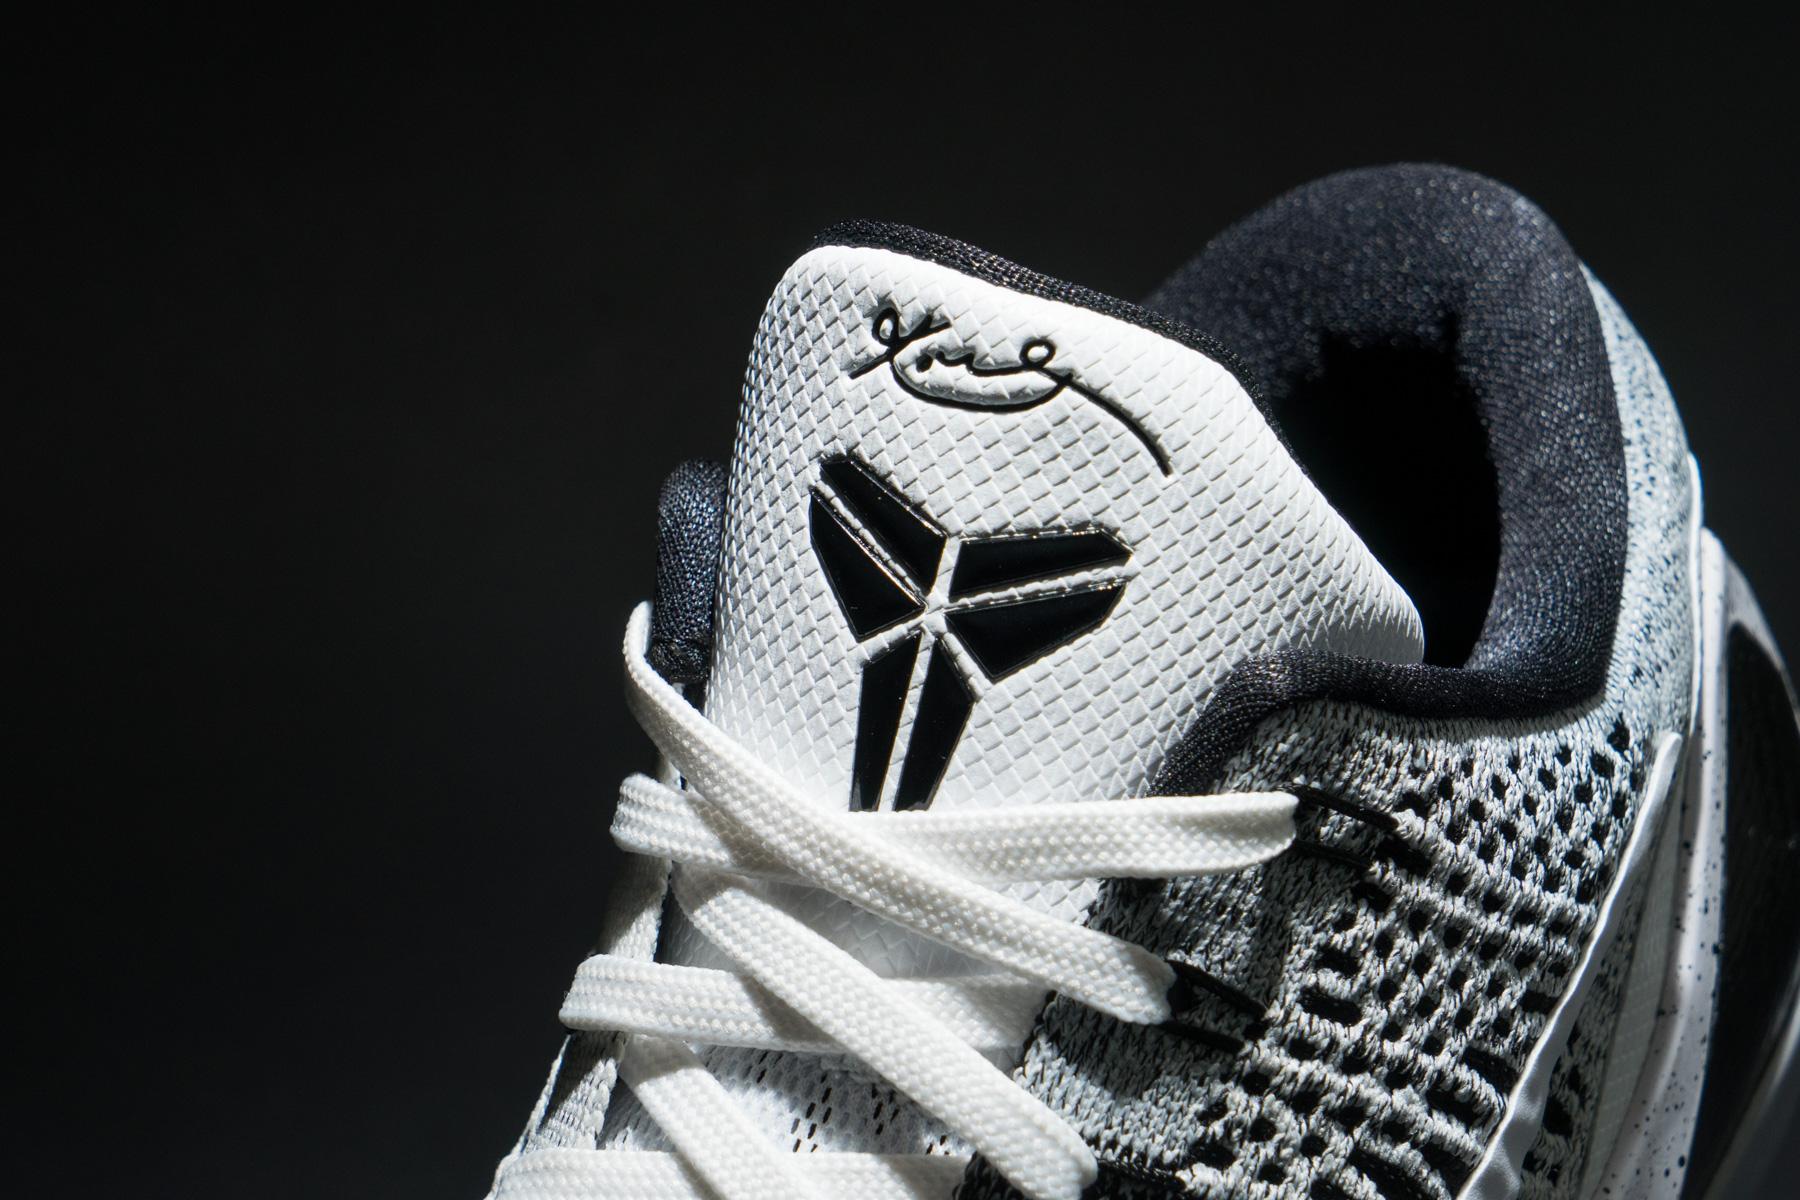 带有�z!�9�9il��'�i-9`�_带有 kobe 标志的鞋舌